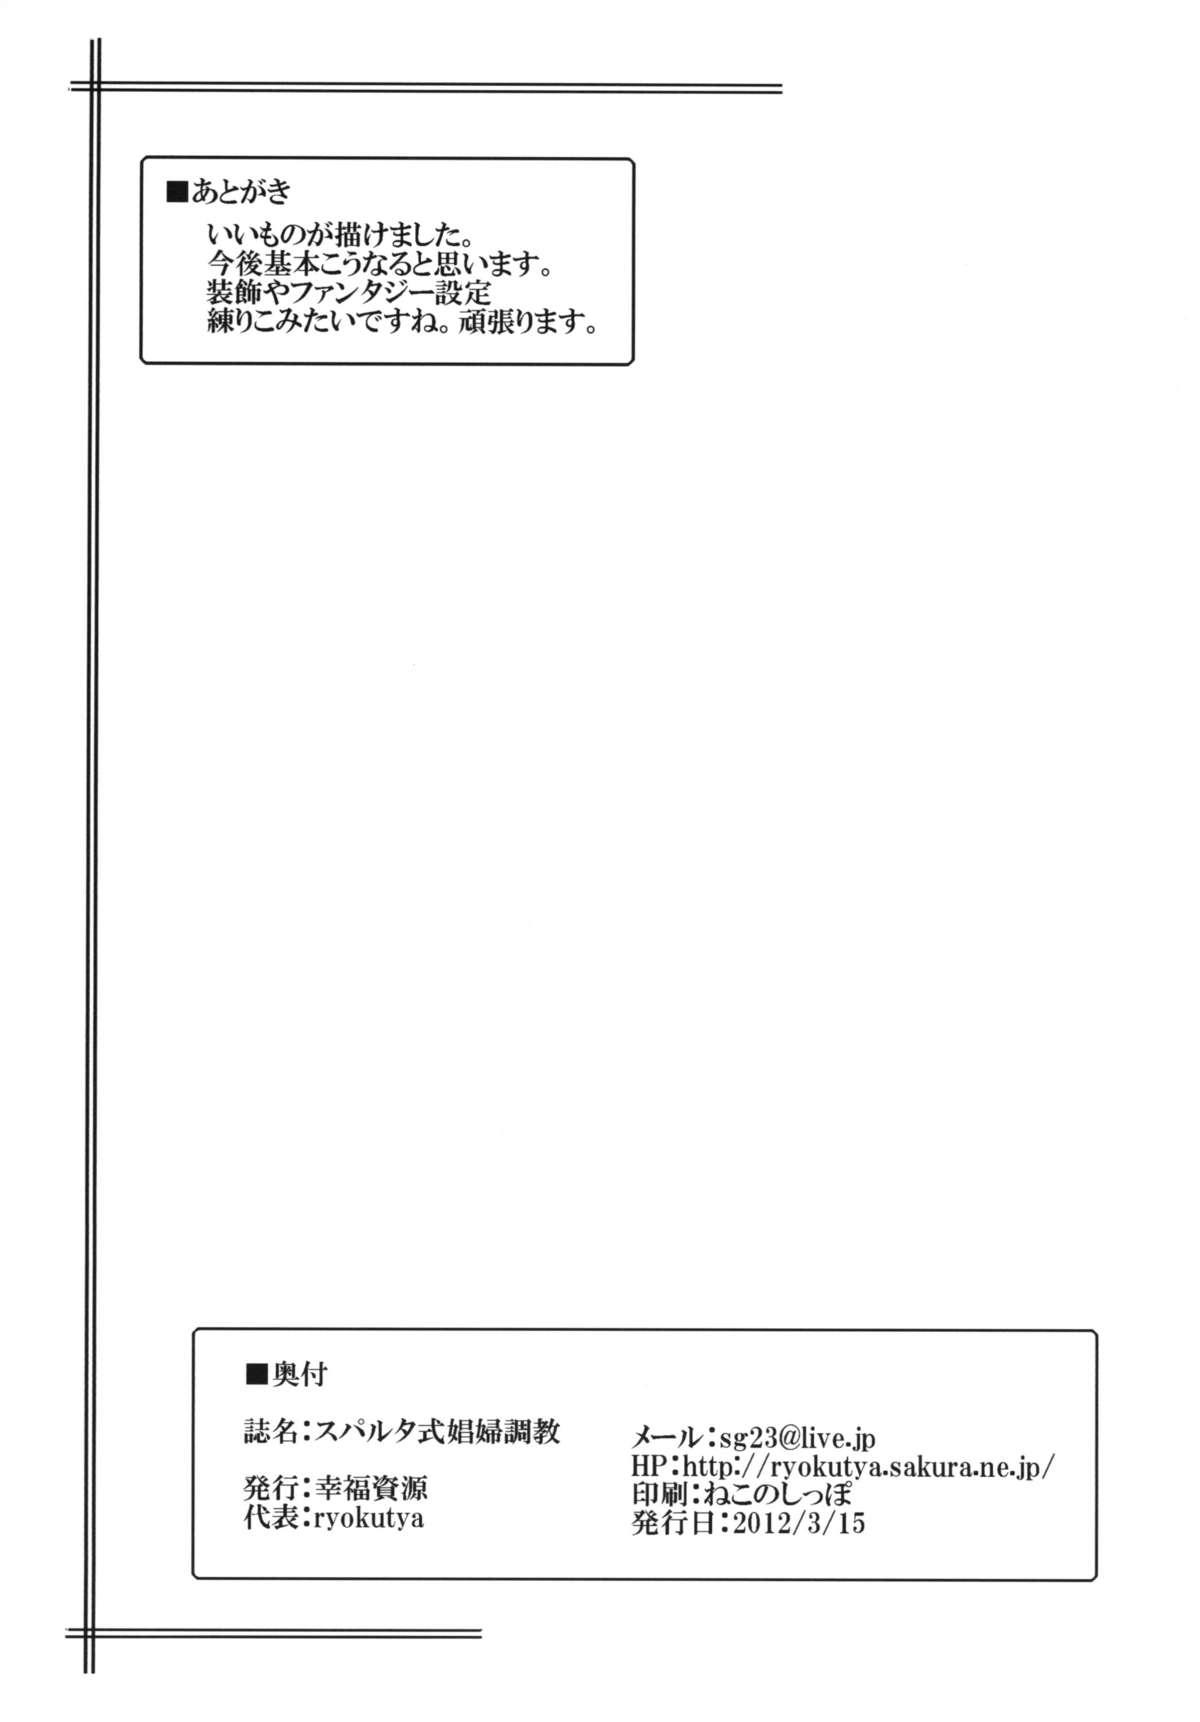 Sparta-shiki Shoufu Choukyou 14